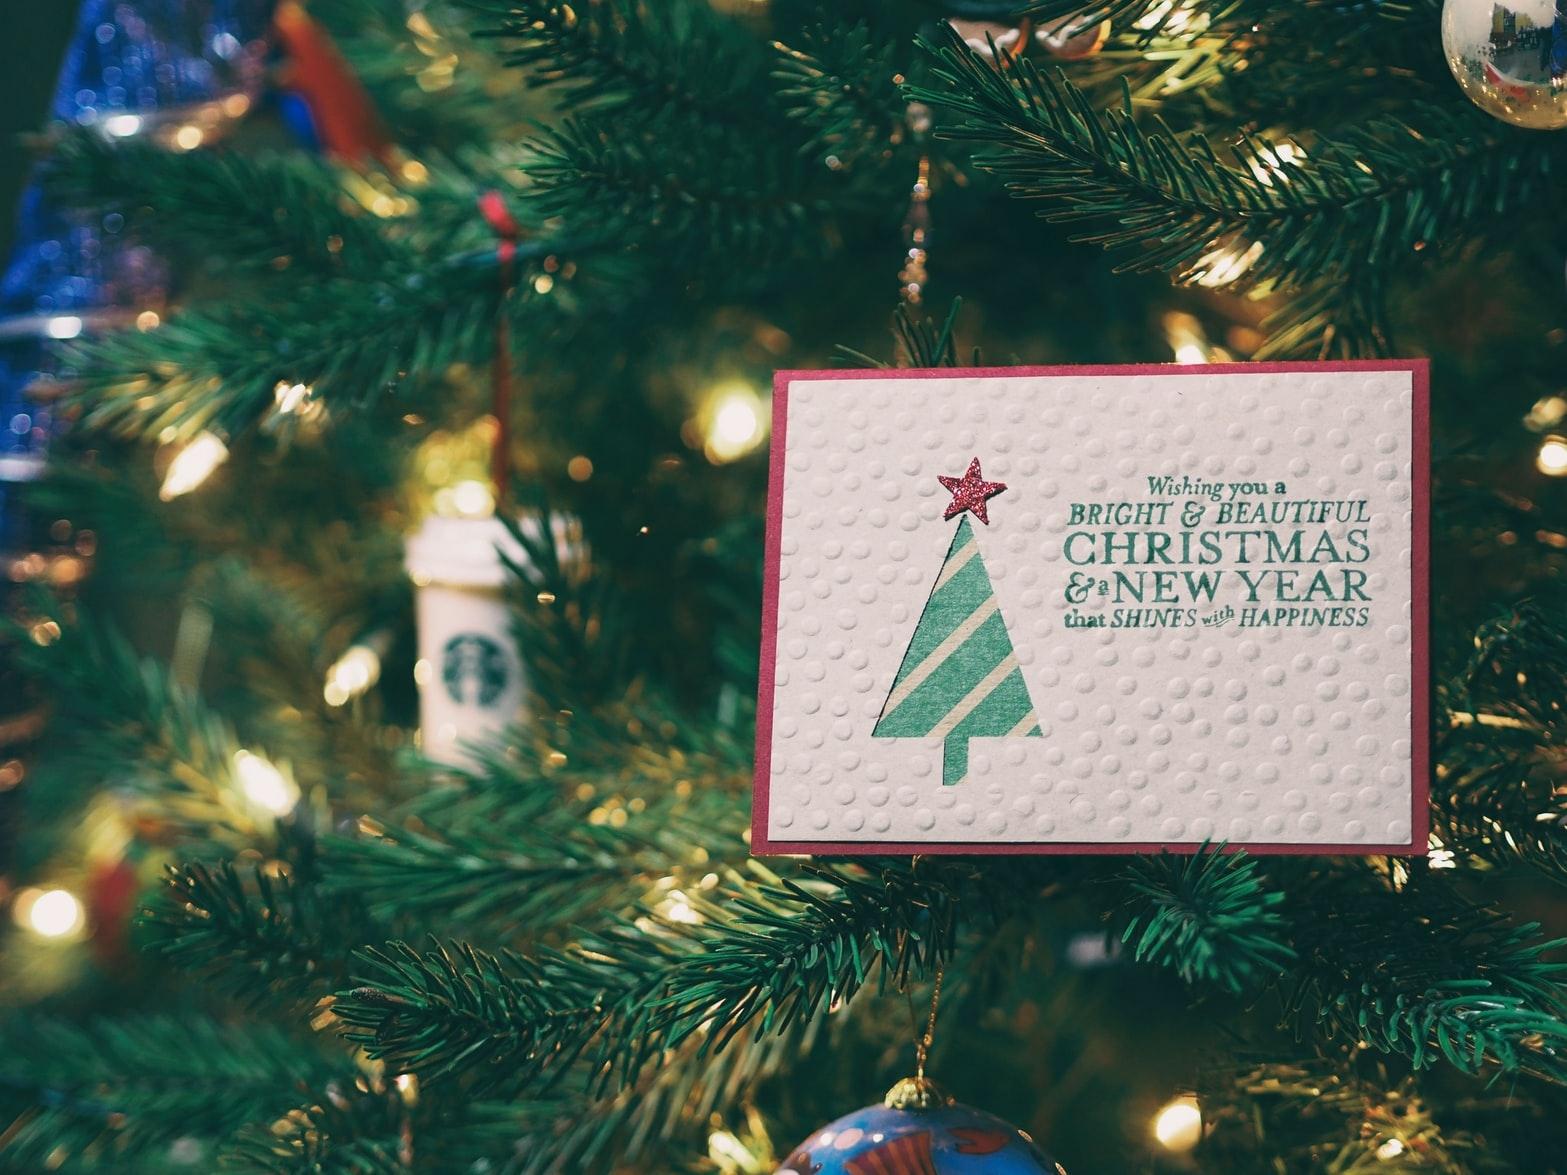 クリスマスカードを送るタイミングは?